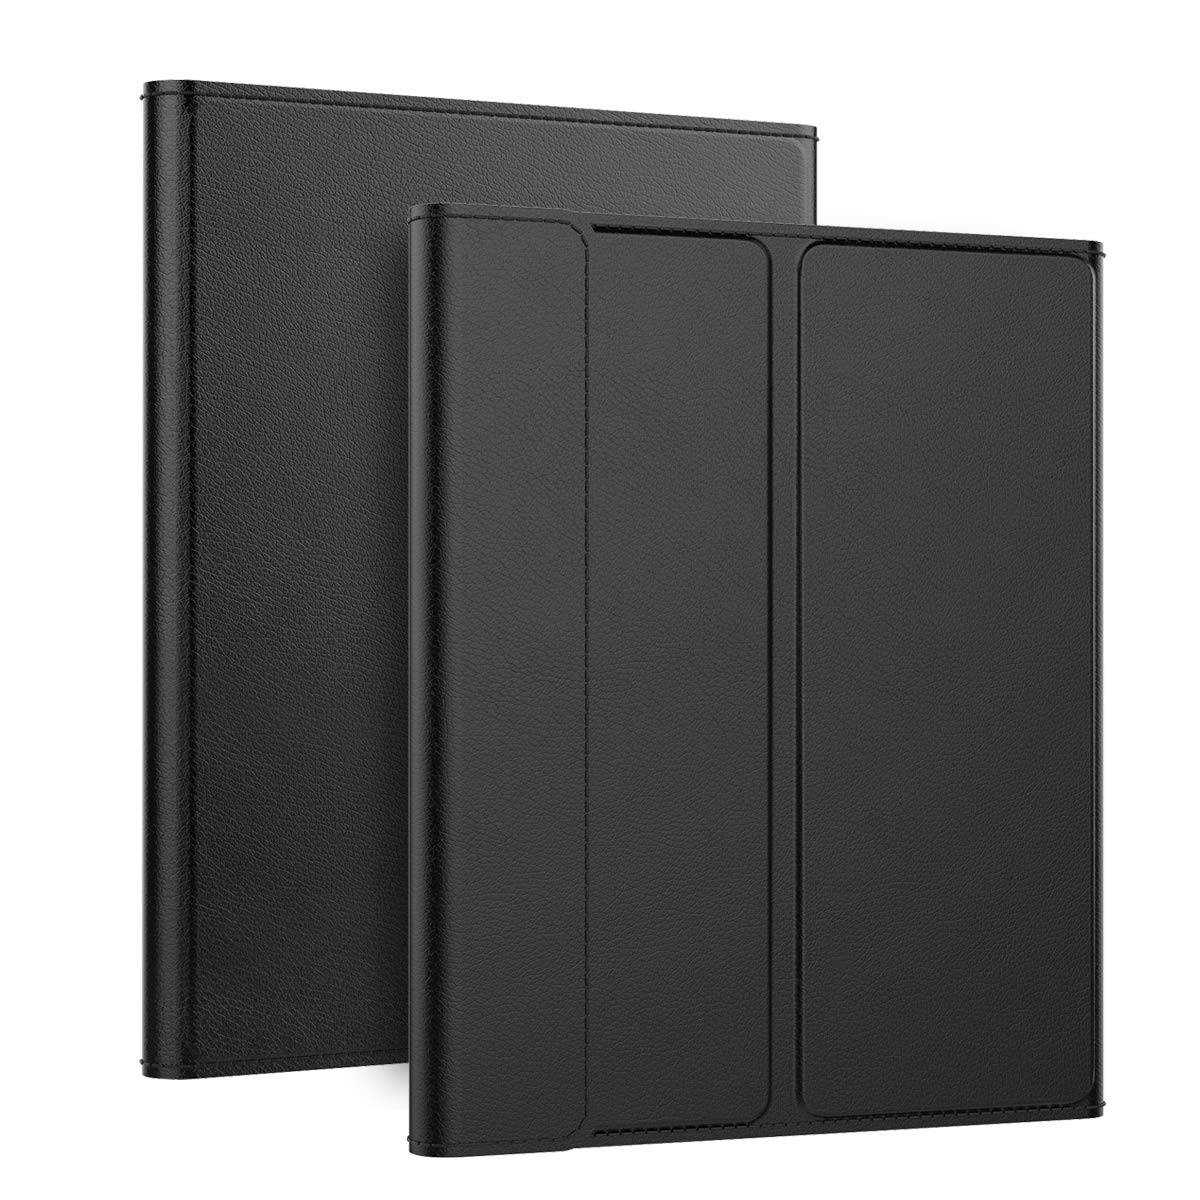 驚きの値段で BasicStock iPad Pro 11インチ 2018ケース 6483-52-801 プレミアムPUレザーケース フリップスタンド ブラック/フル保護 Pro/滑り止め バンパーバックカバー iPad Pro 11インチ 2018年用 ローズゴールド ブラック 6483-52-801 ブラック B07L8ZC3N7, お新古市場:dbcb1c2b --- a0267596.xsph.ru